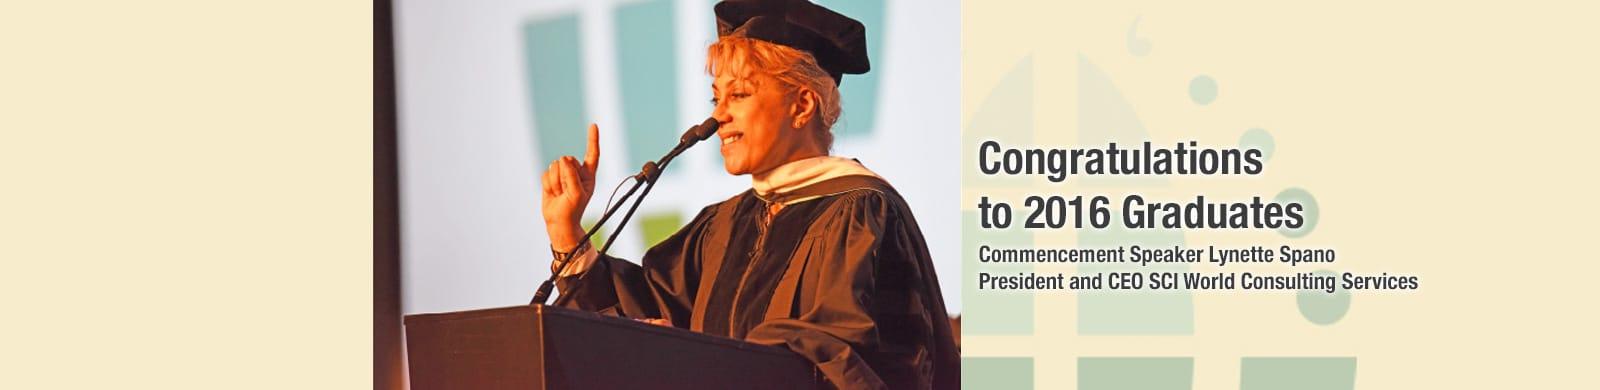 Potomac University Graduation Speaker - Speaker Lynette Spano